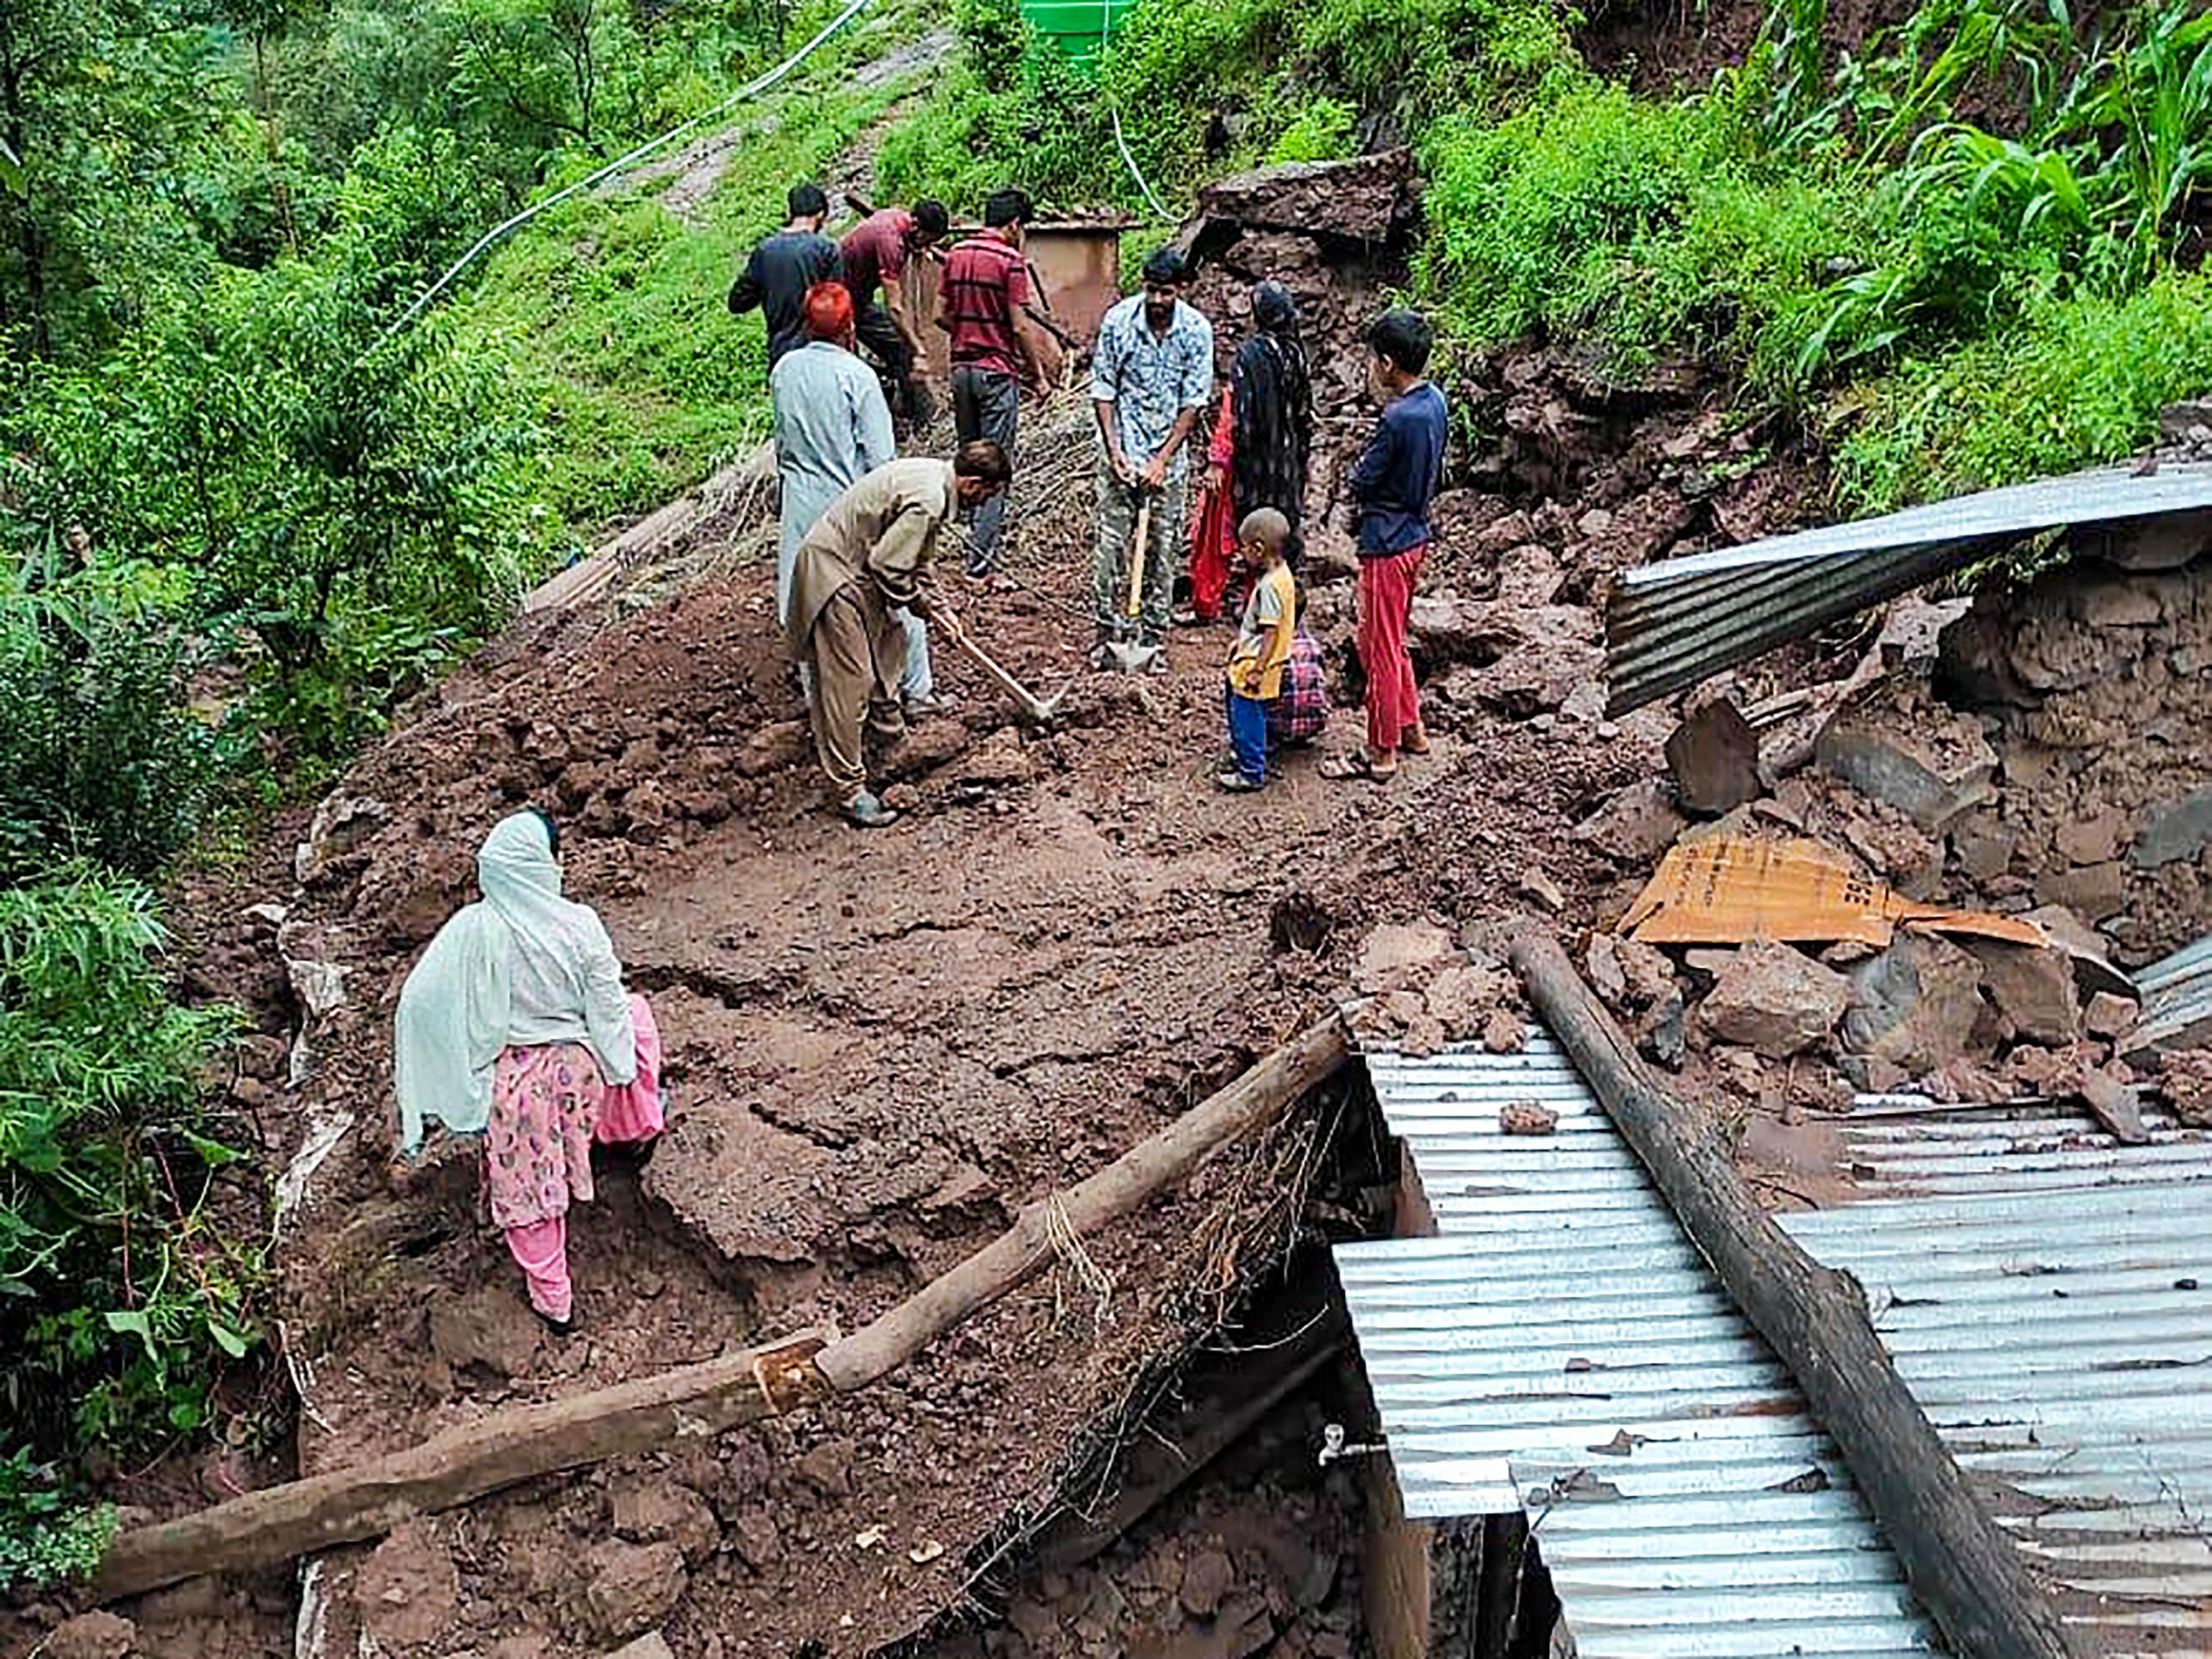 जम्मू-कश्मीर के पुंछ में लैंड स्लाइड के बाद तबाह हुए घर से मलबा हटाता परिवार।